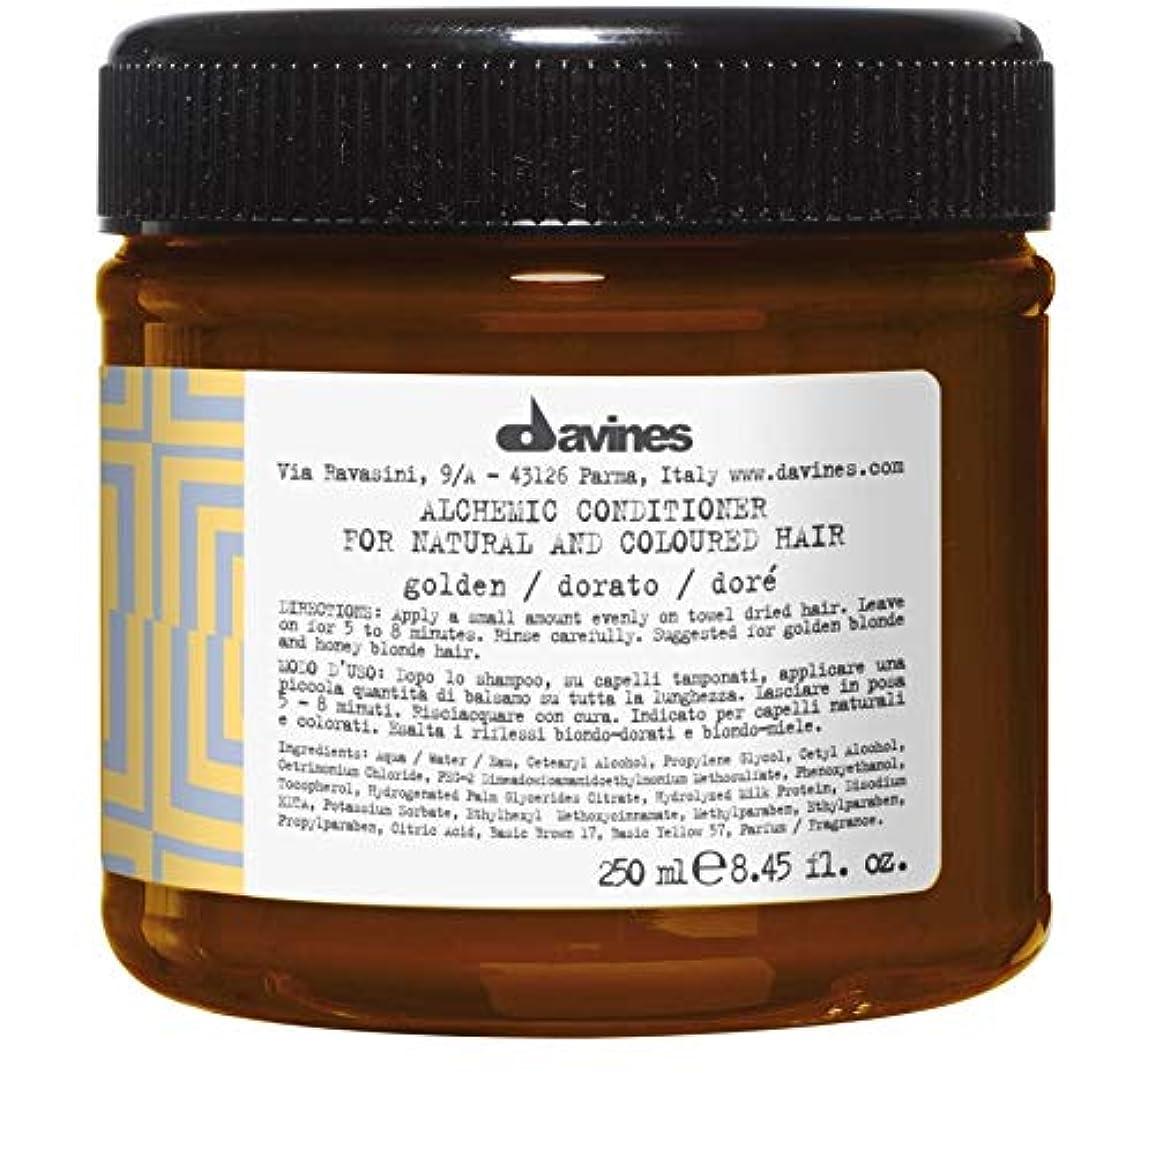 つかまえるカウント少なくとも[Davines ] ダヴィネス錬金術コンディショナー黄金の250ミリリットル - Davines Alchemic Conditioner Golden 250ml [並行輸入品]